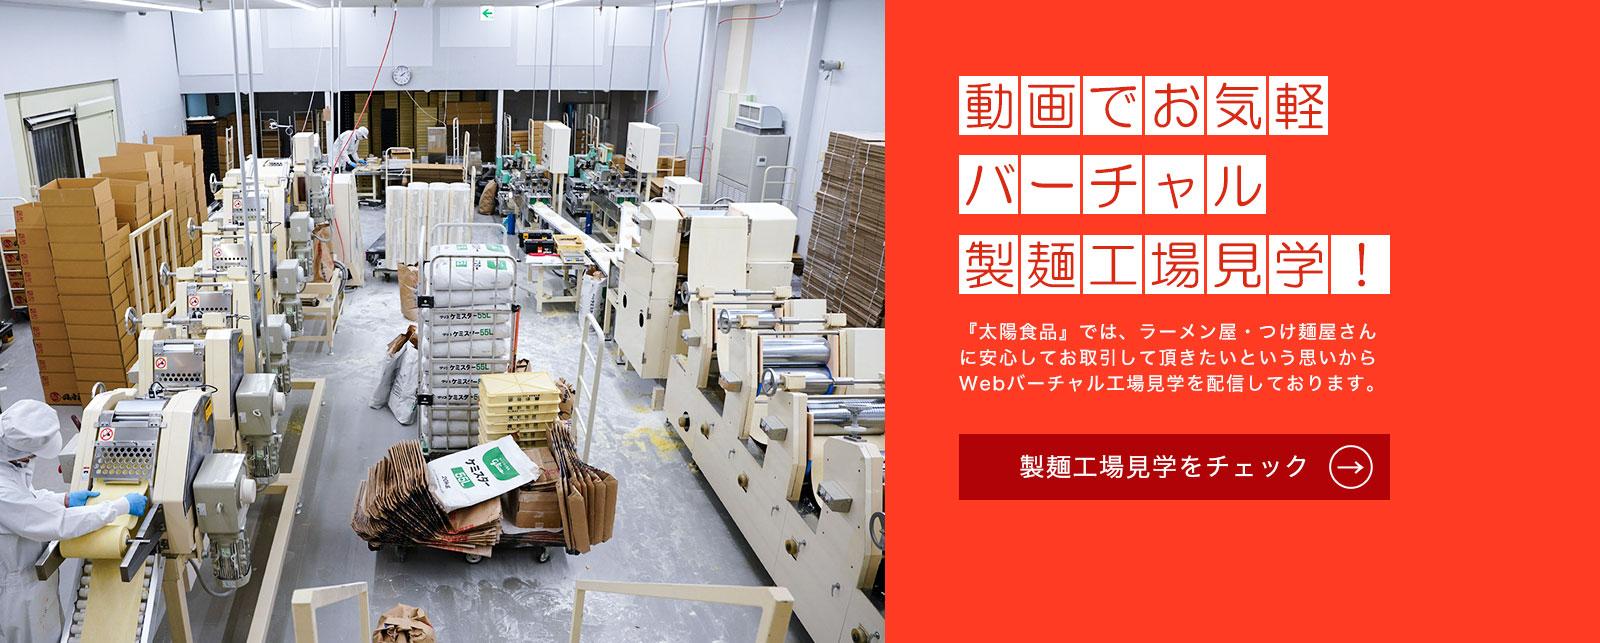 バーチャル製麺工場見学